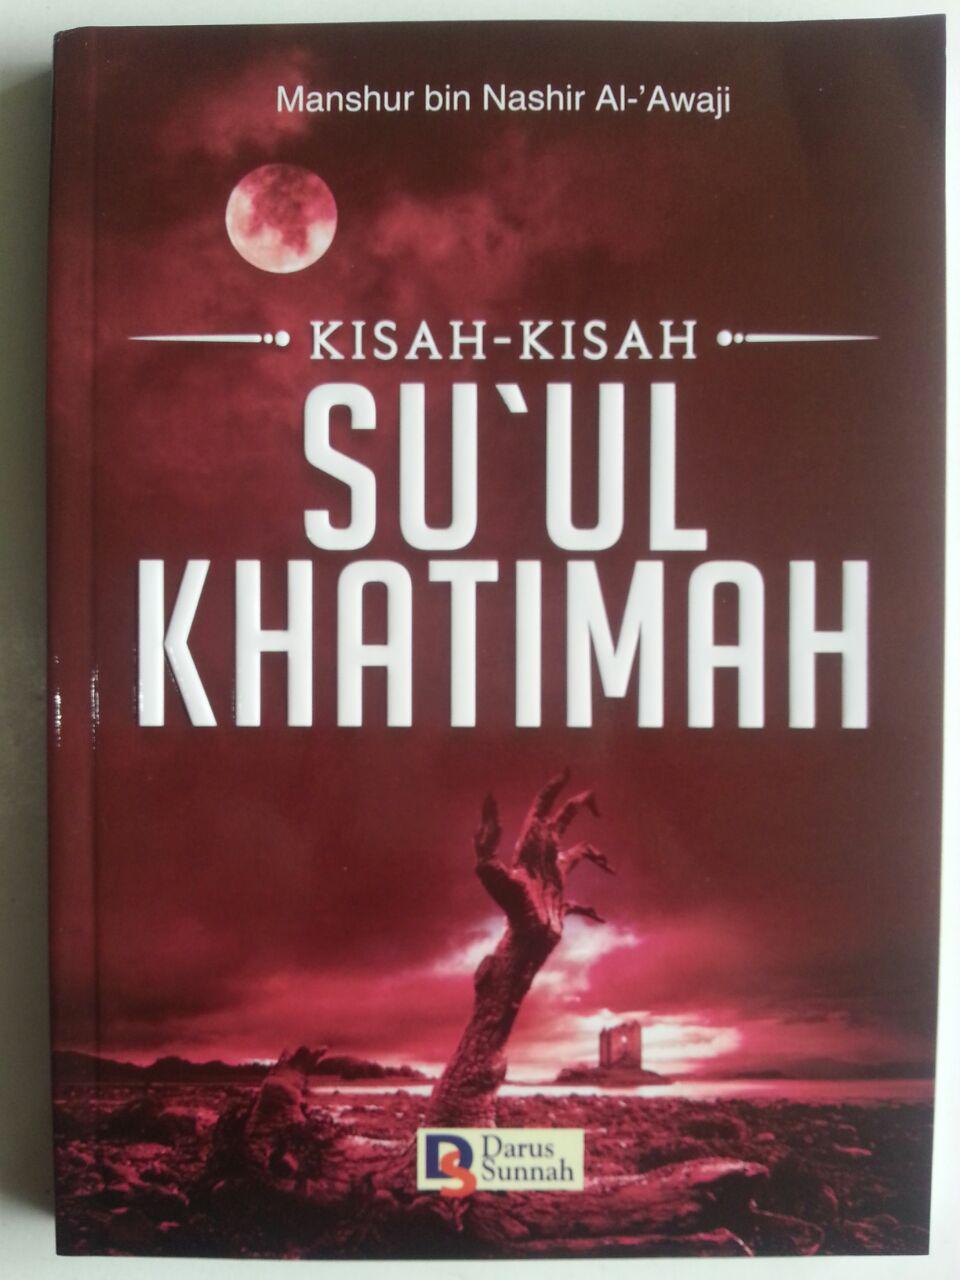 Buku Kisah-Kisah Su'ul Khatimah Kematian Yang Buruk cover 2